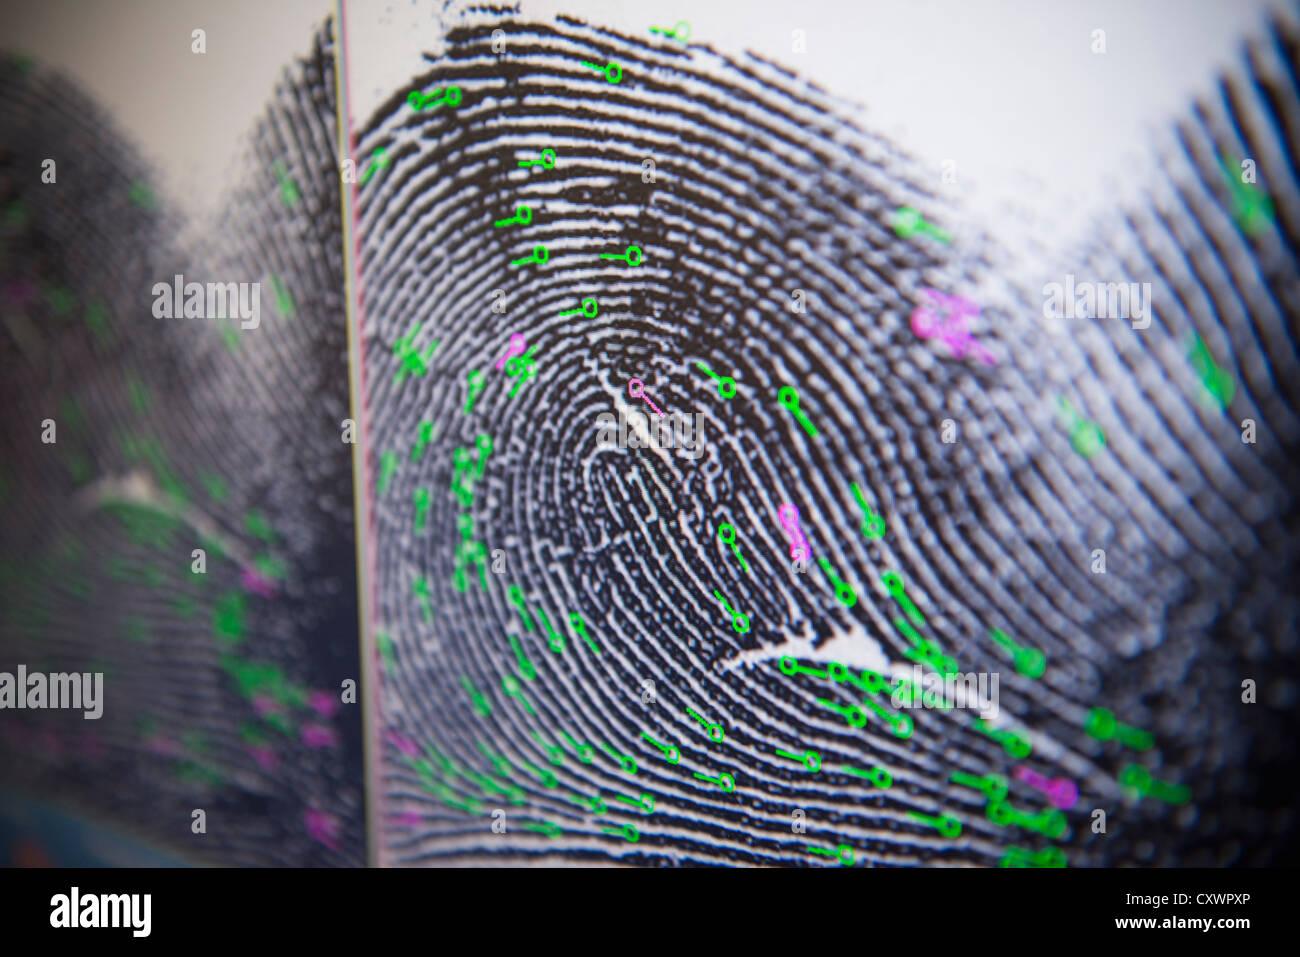 Impronte digitali sulla schermata in laboratorio forense Immagini Stock